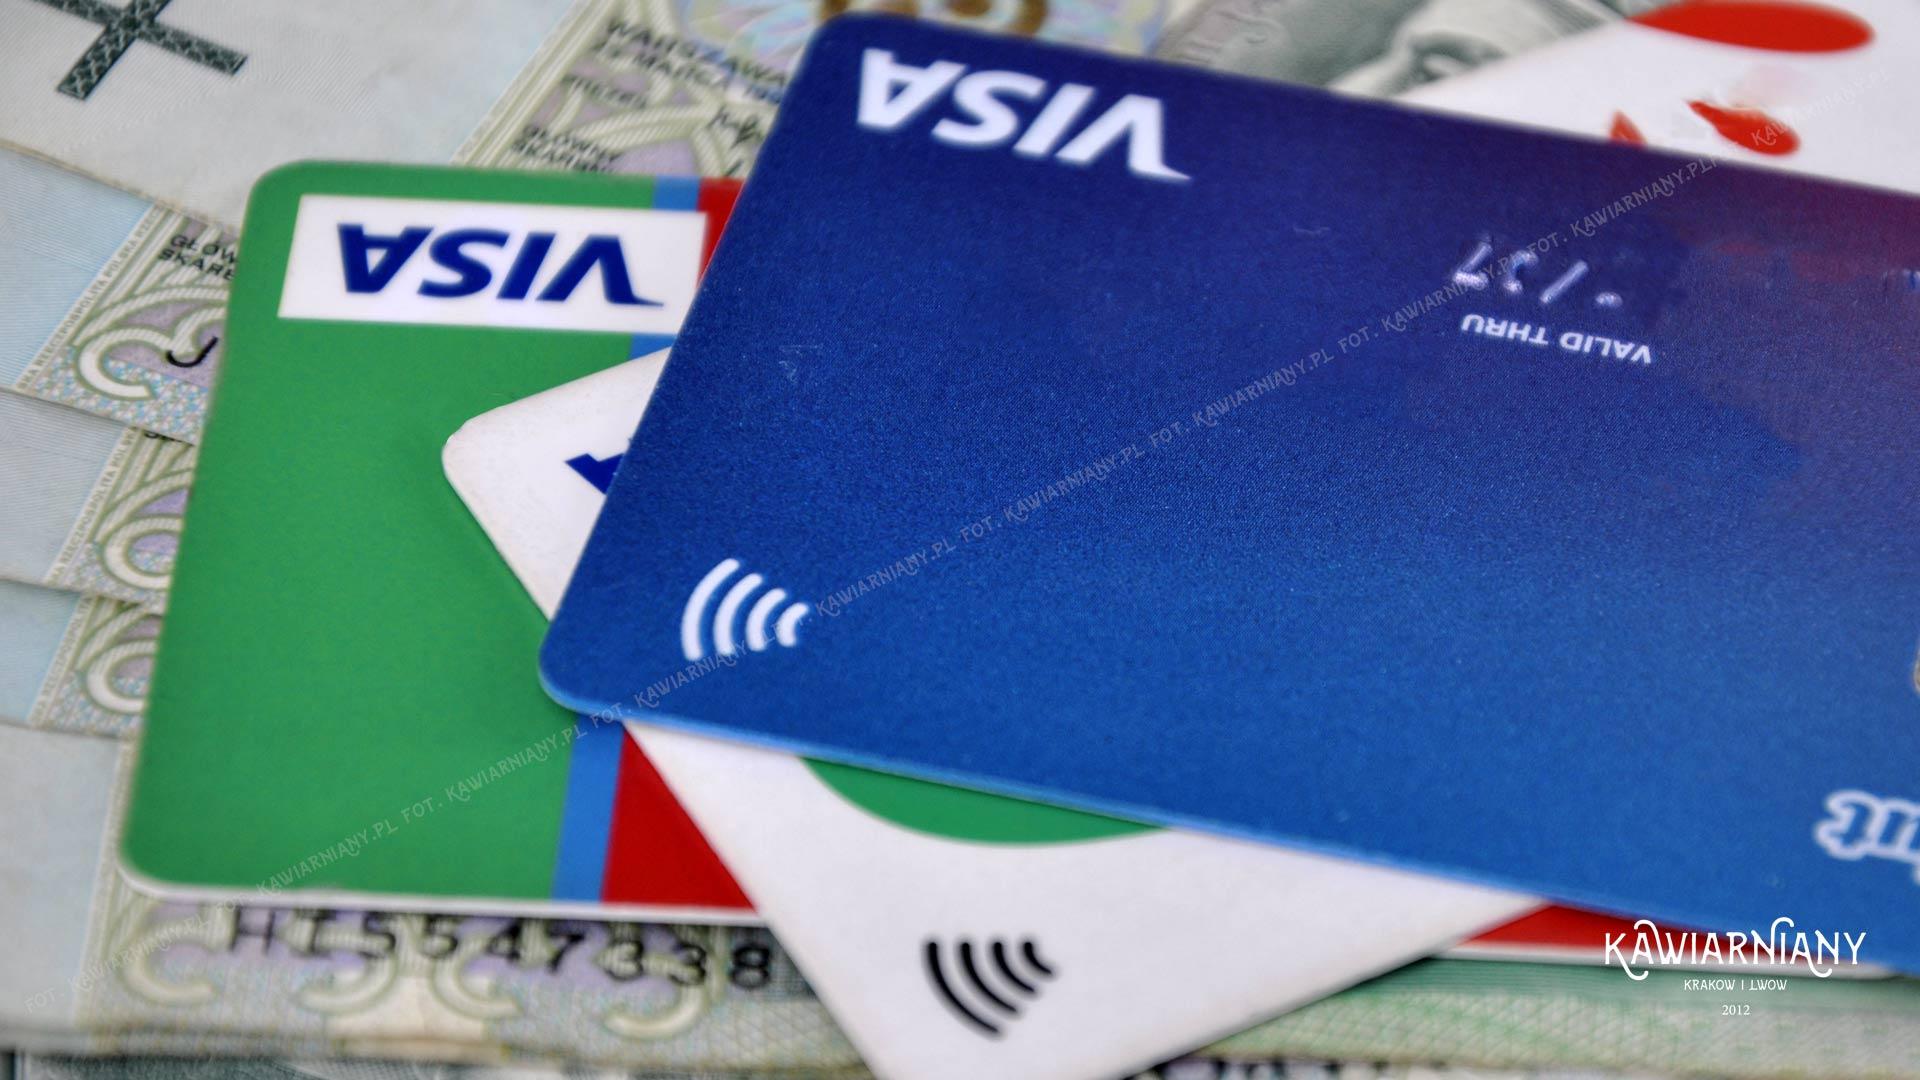 Czy we Lwowie można płacić kartą? Płatność kartą na Ukrainie